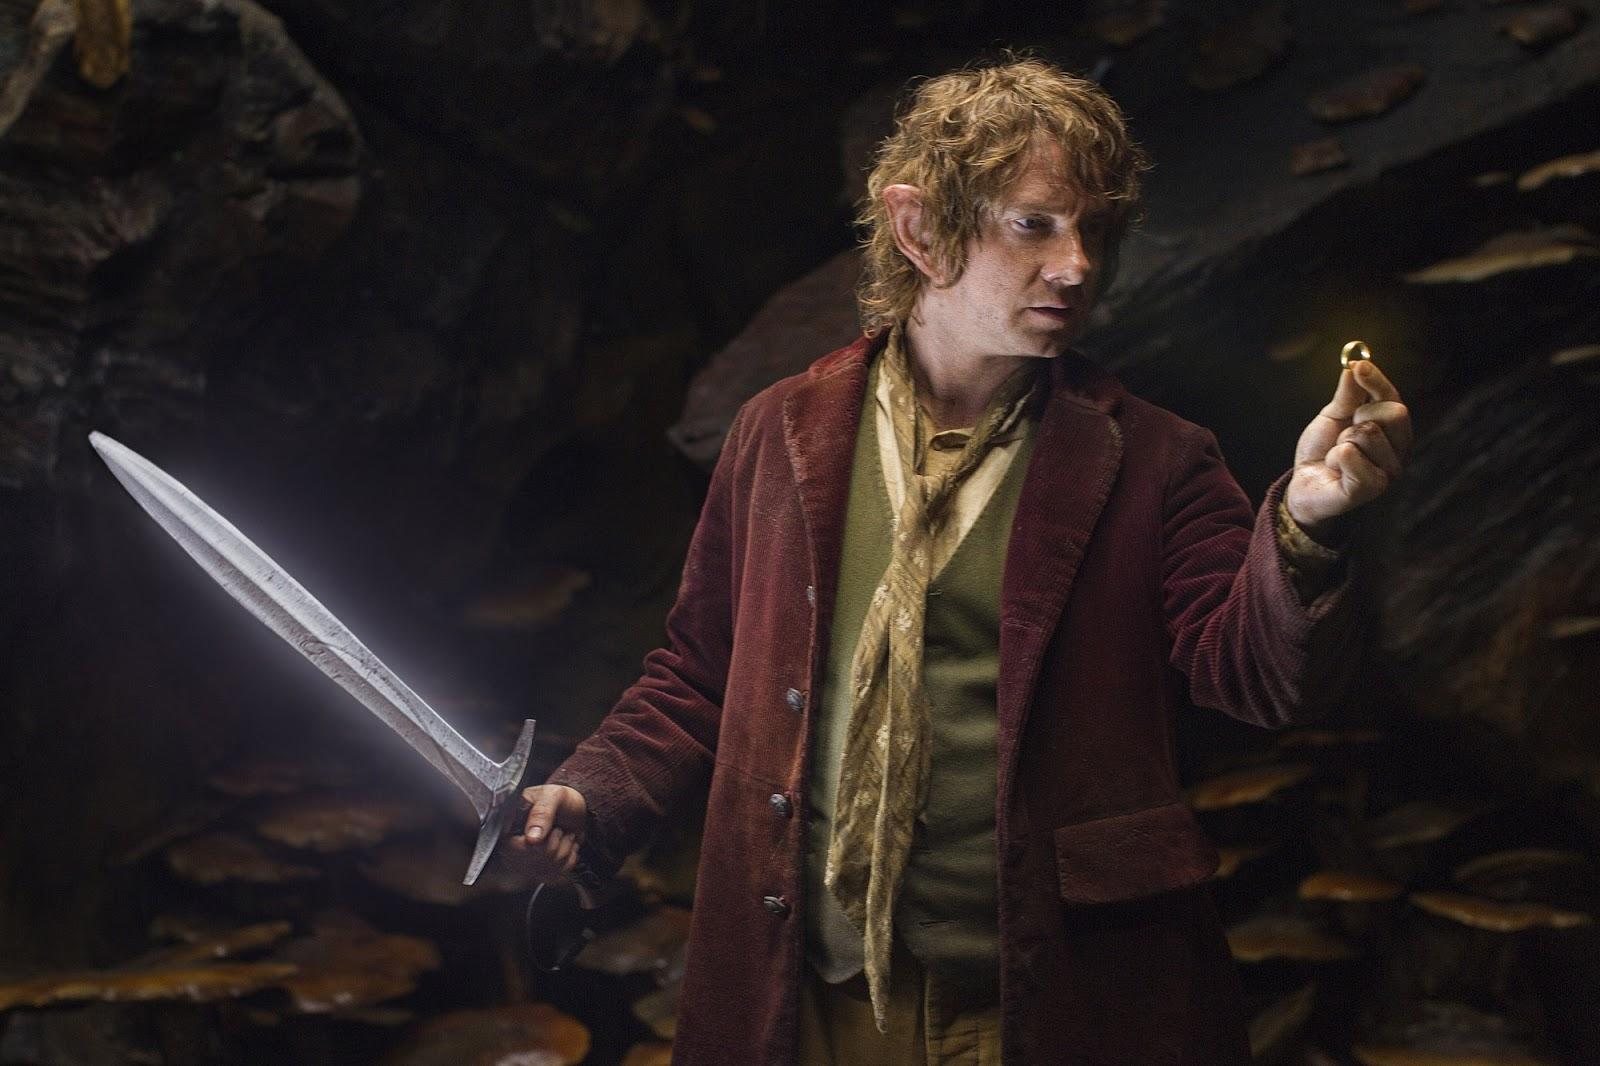 Any Hobbit unexpected journey sympathise